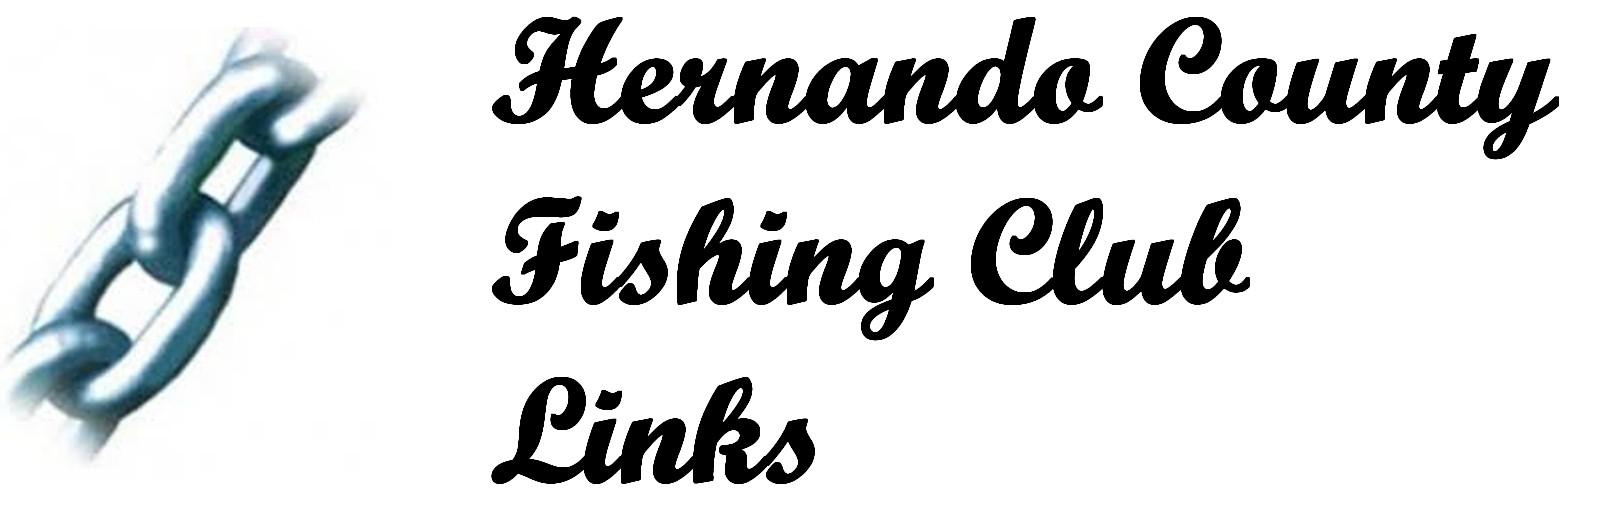 Something hernando amateur radio club